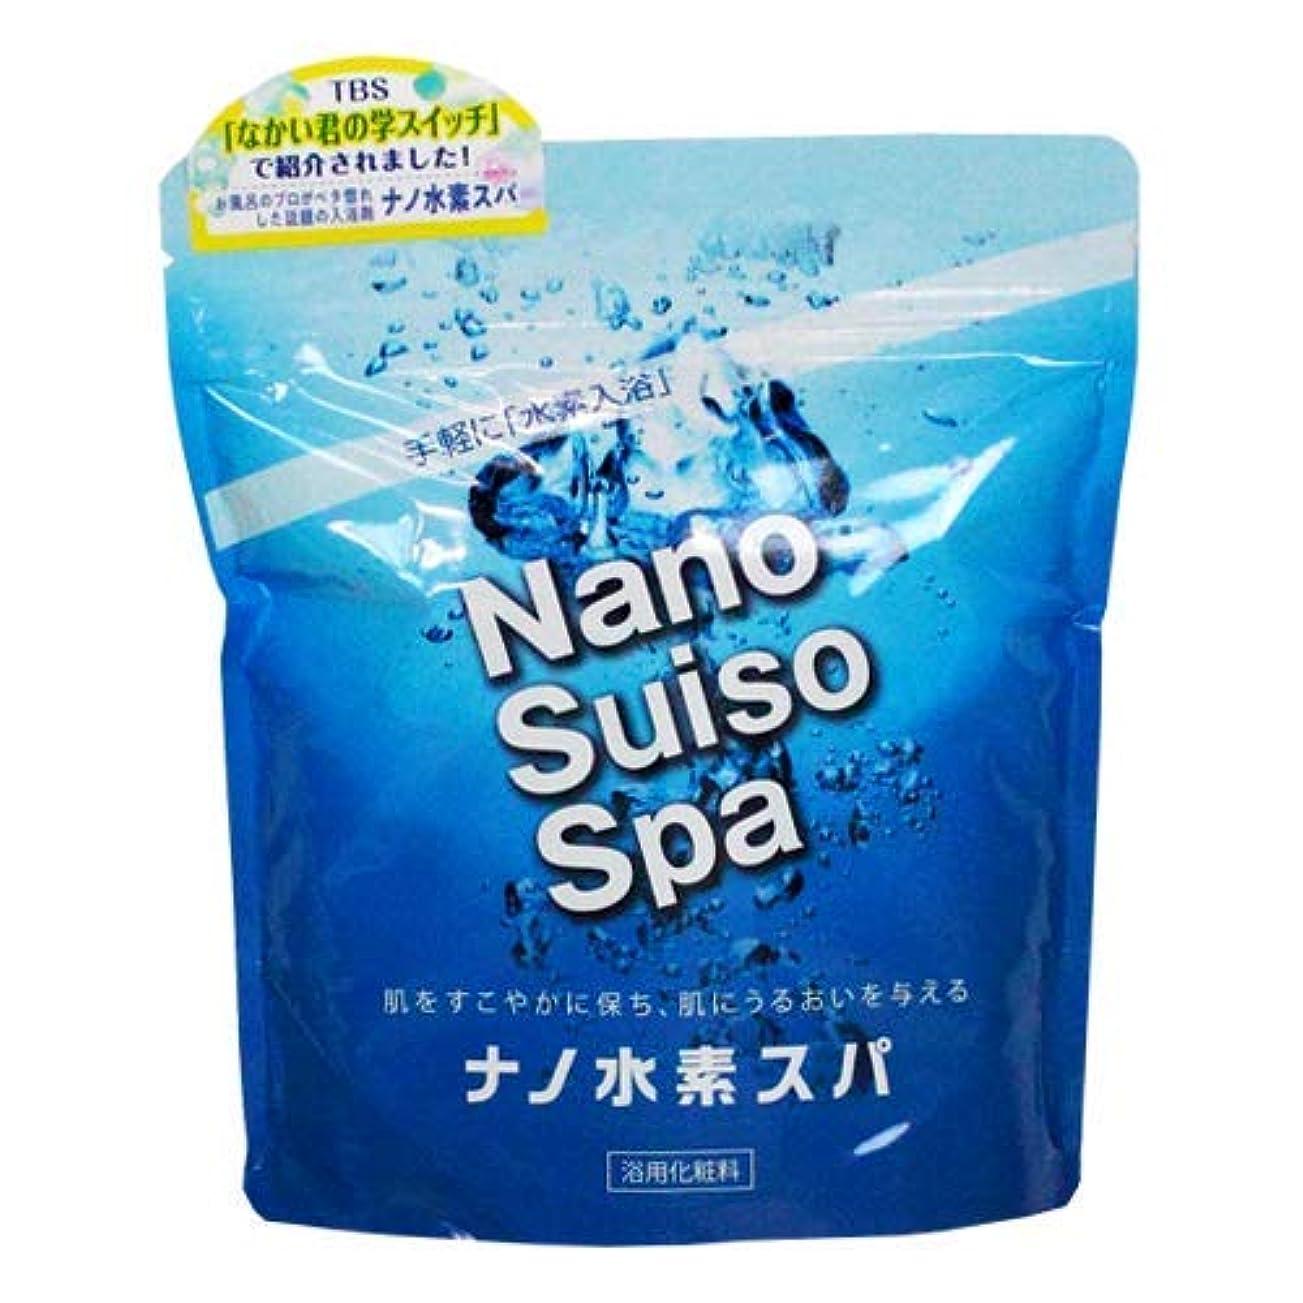 トリプル不合格バッグナノ水素スパ1000g 高濃度水素発生入浴用